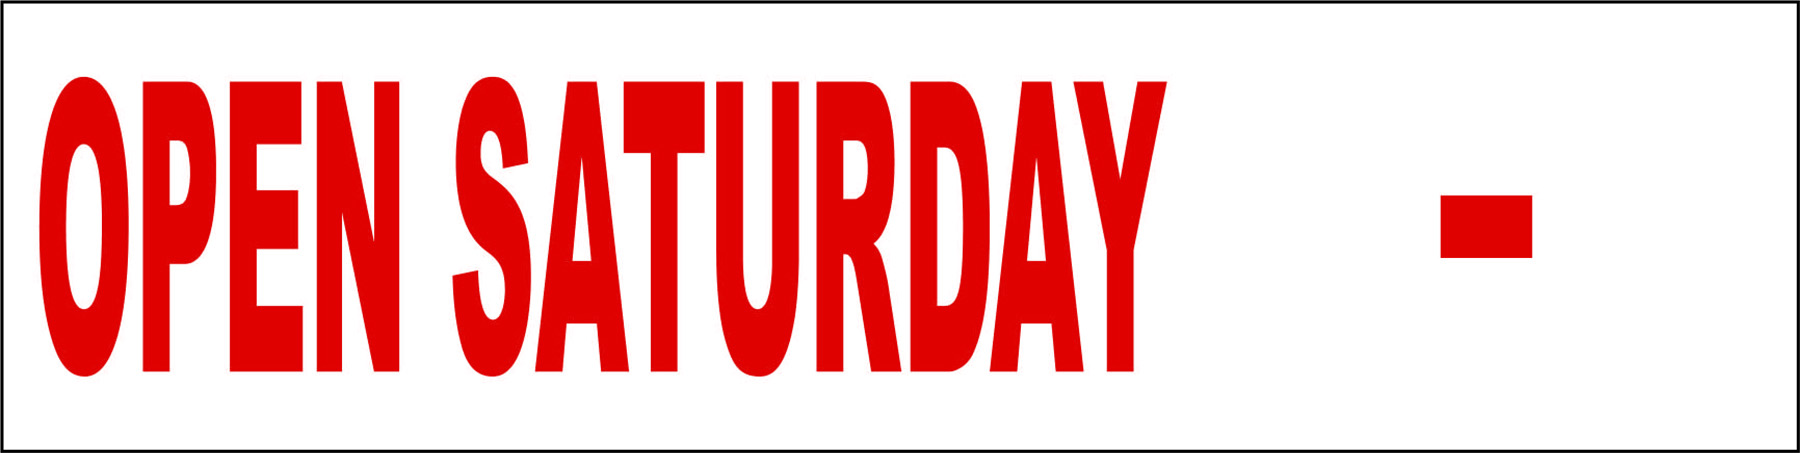 Open Saturday Fill In